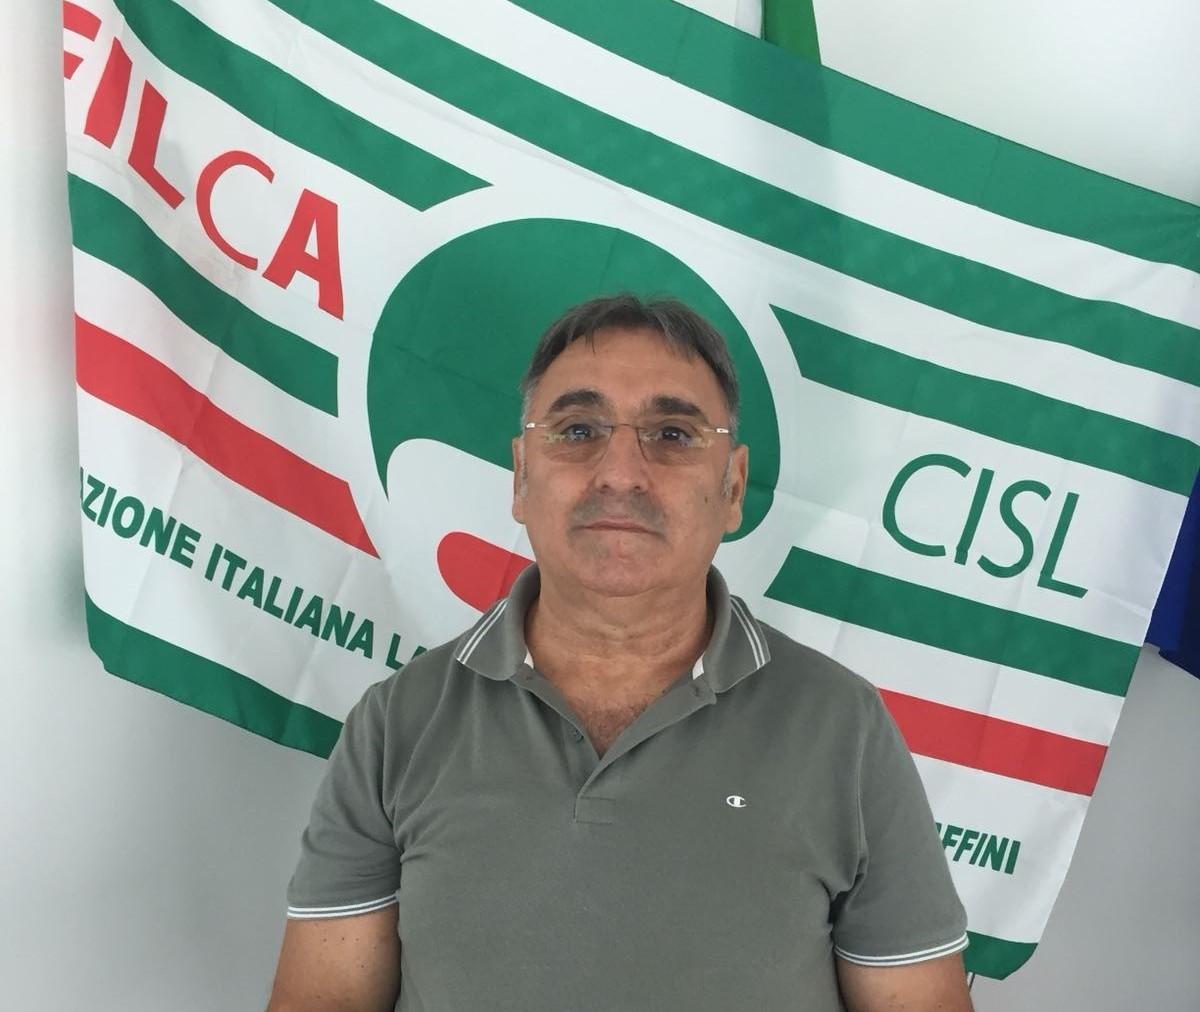 Fabio-Carruale-Filca-Cisl-Grosseto